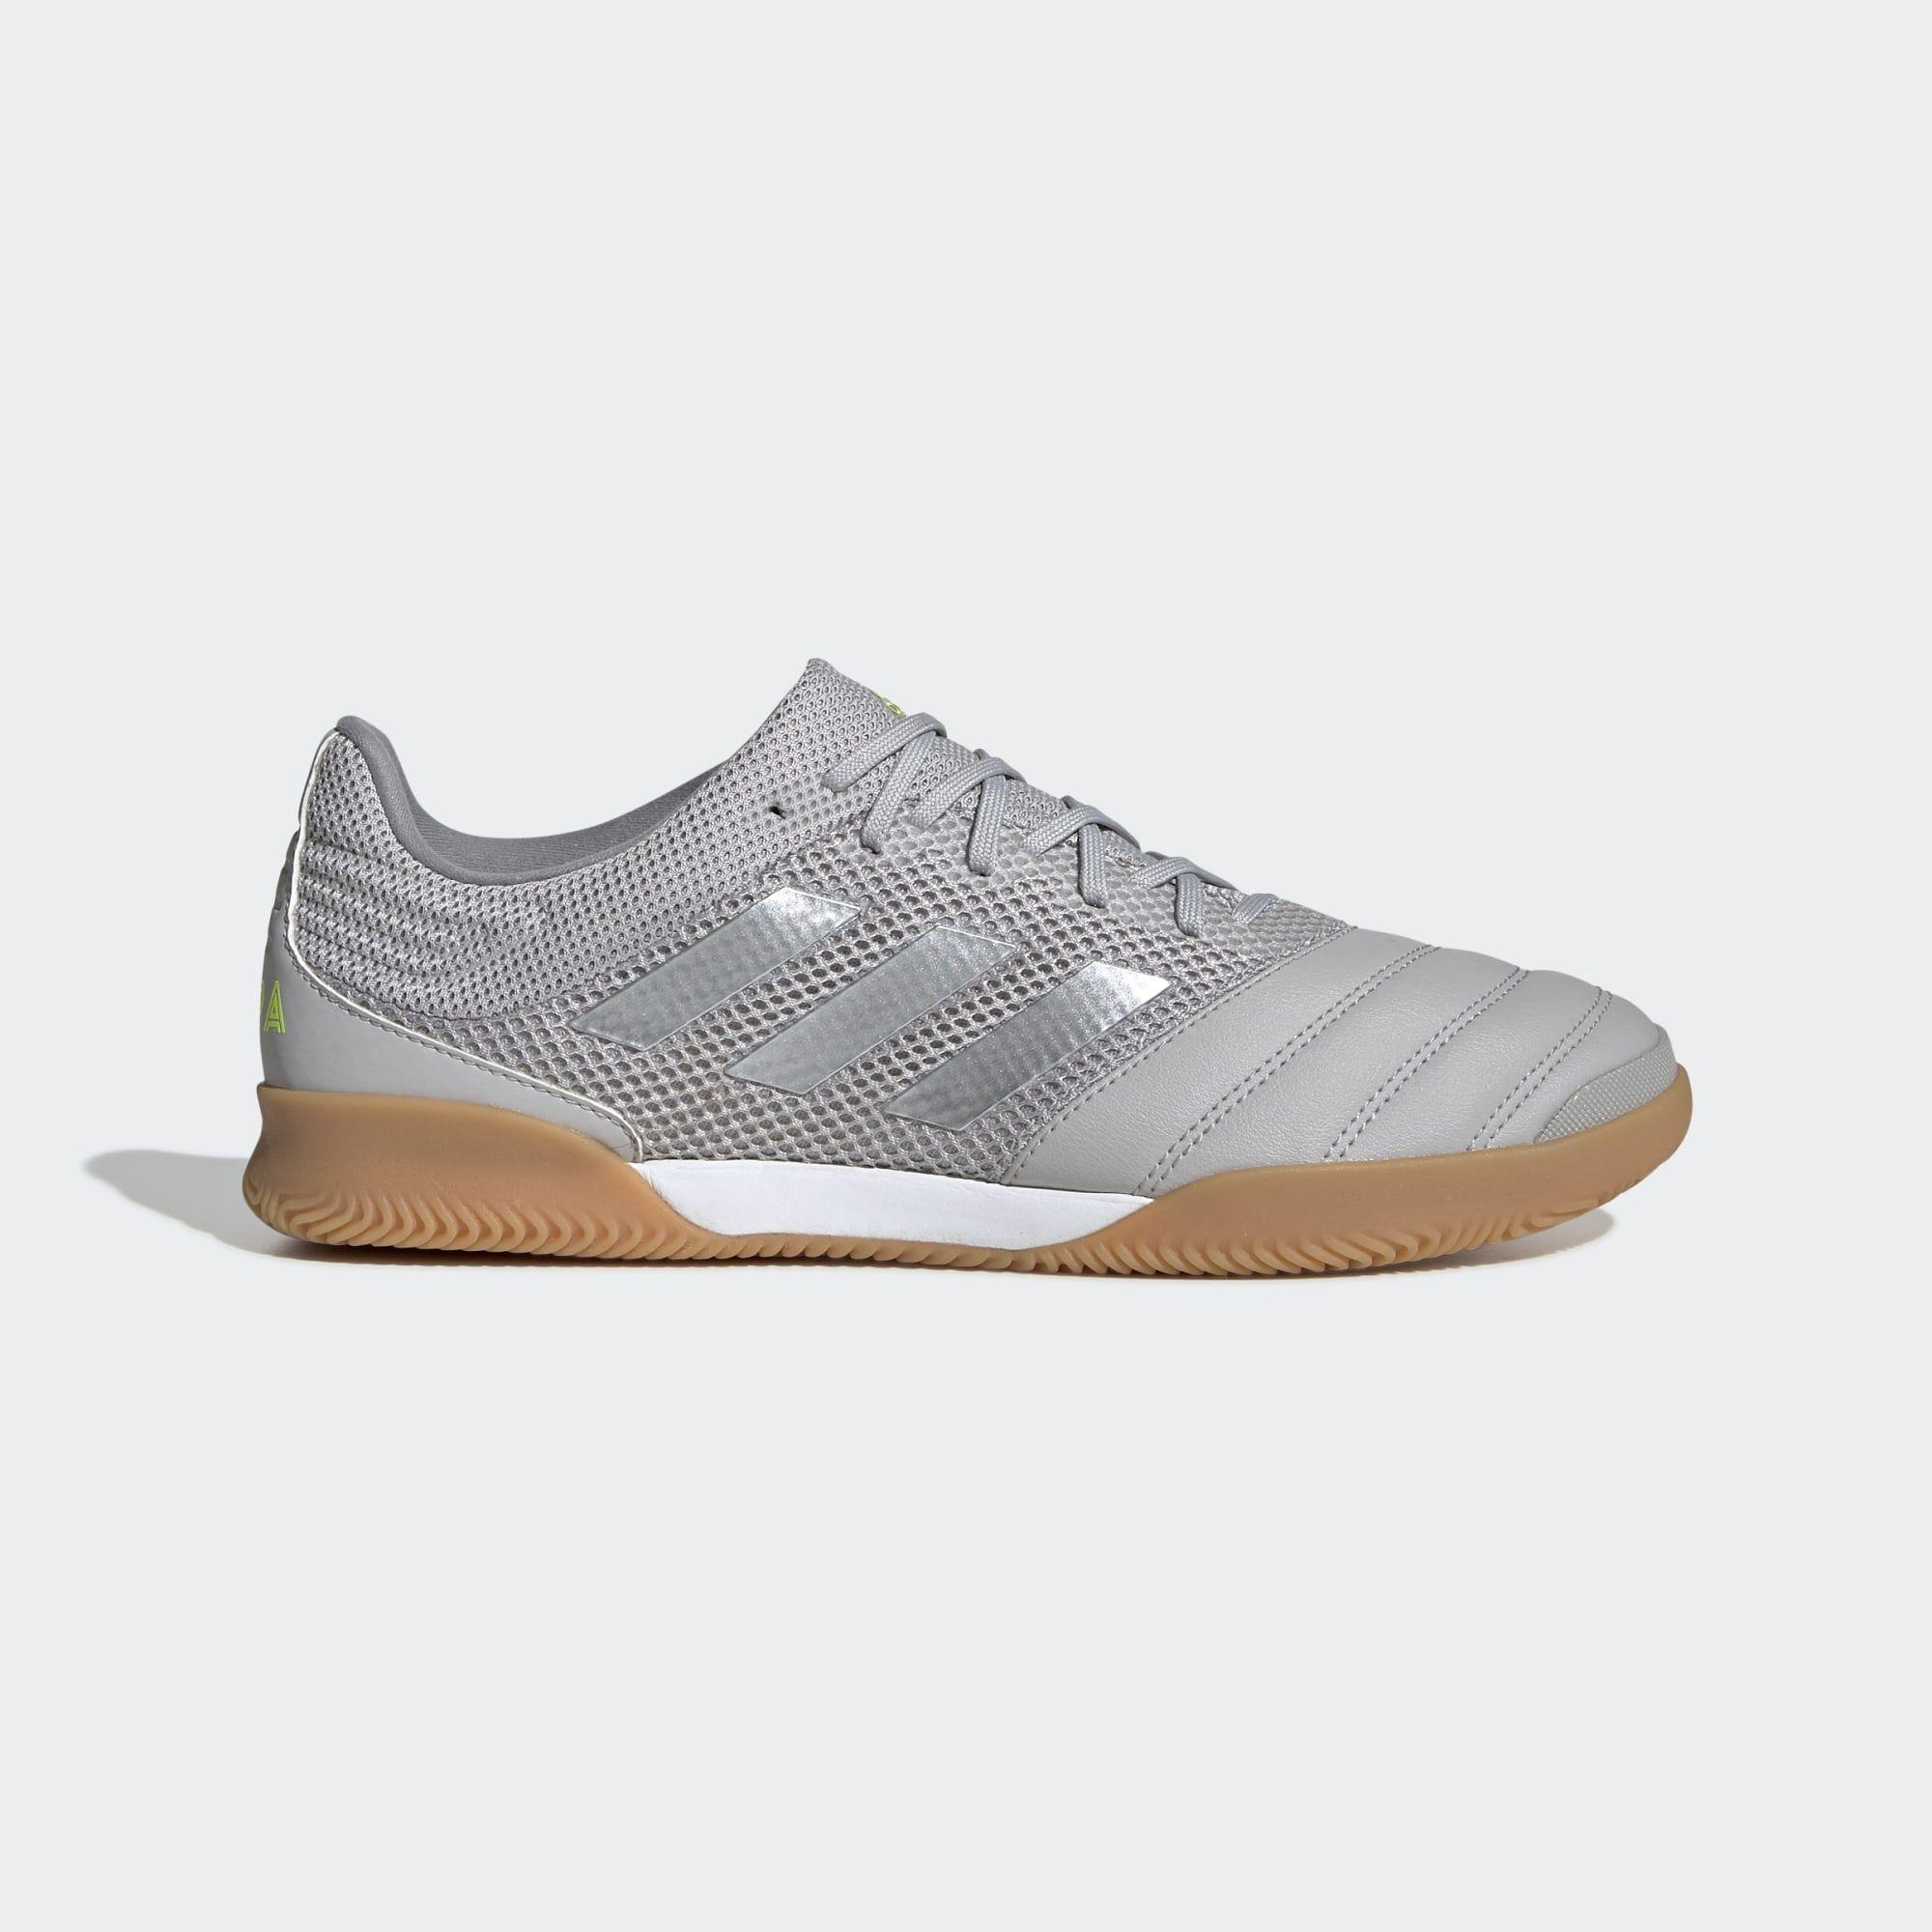 Adidas Copa 20.3 Sala Indoor Encryption Grey Two Matte